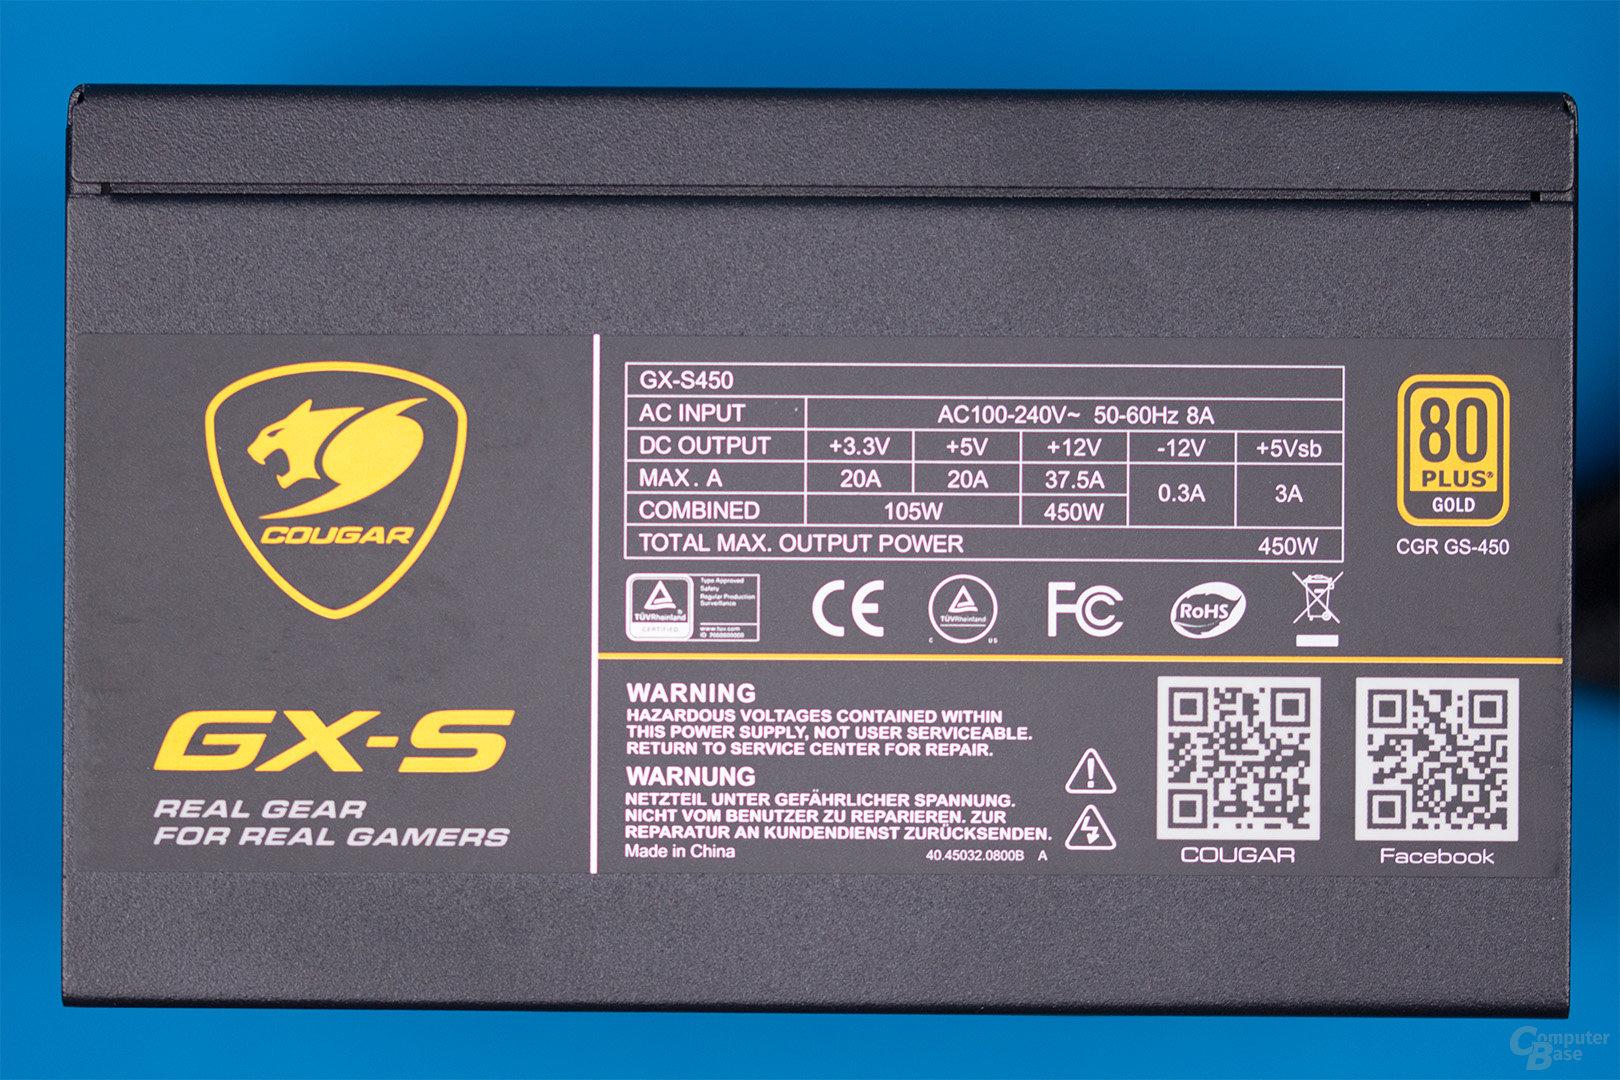 Cougar GX-S450